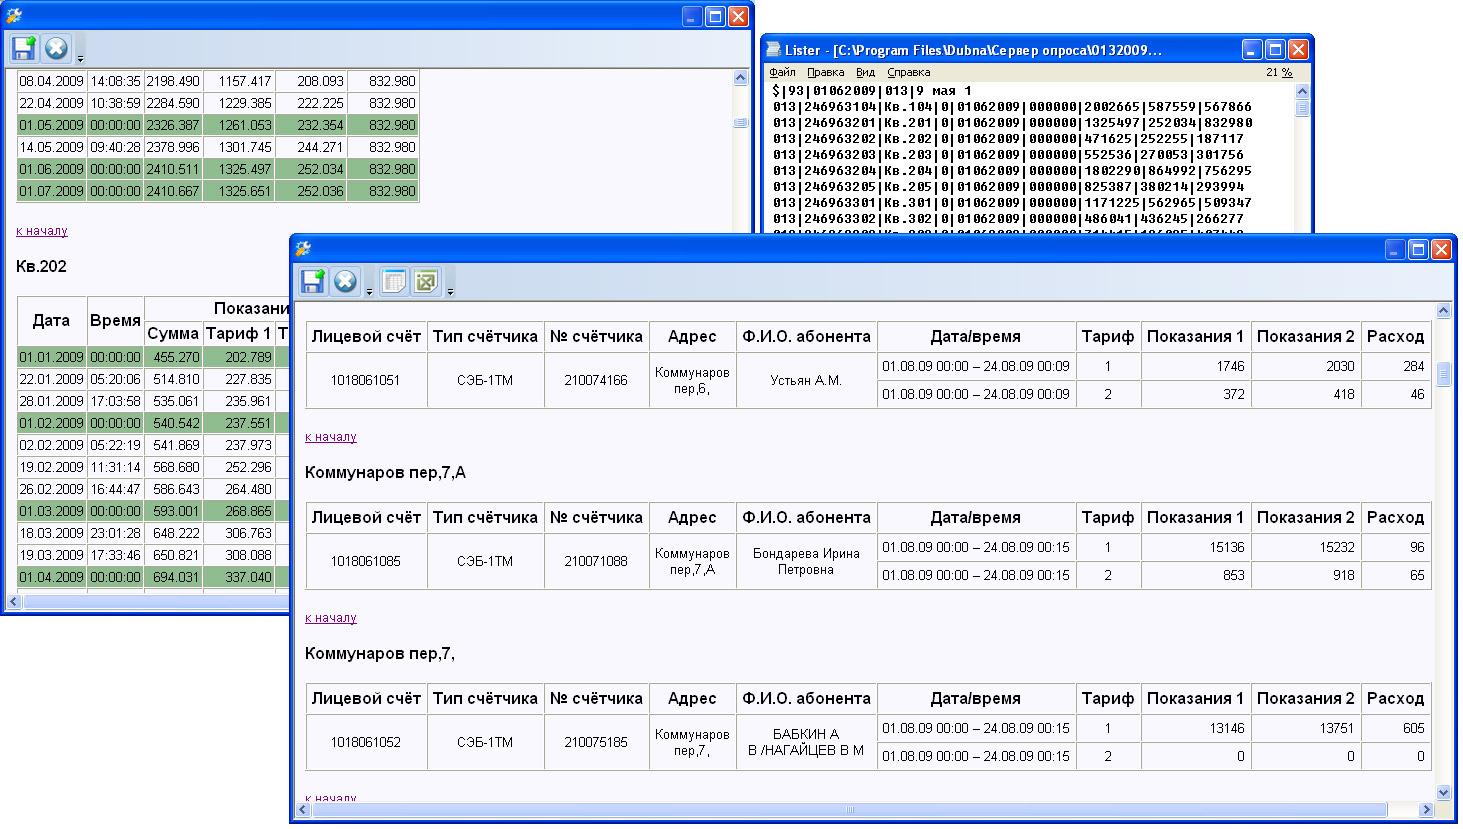 Для построения отчетов используется программный модуль «Конфигуратор Сервера Опроса». Данные могут быть экспортированы в форматы согласованные с энергосбытовыми организациями.